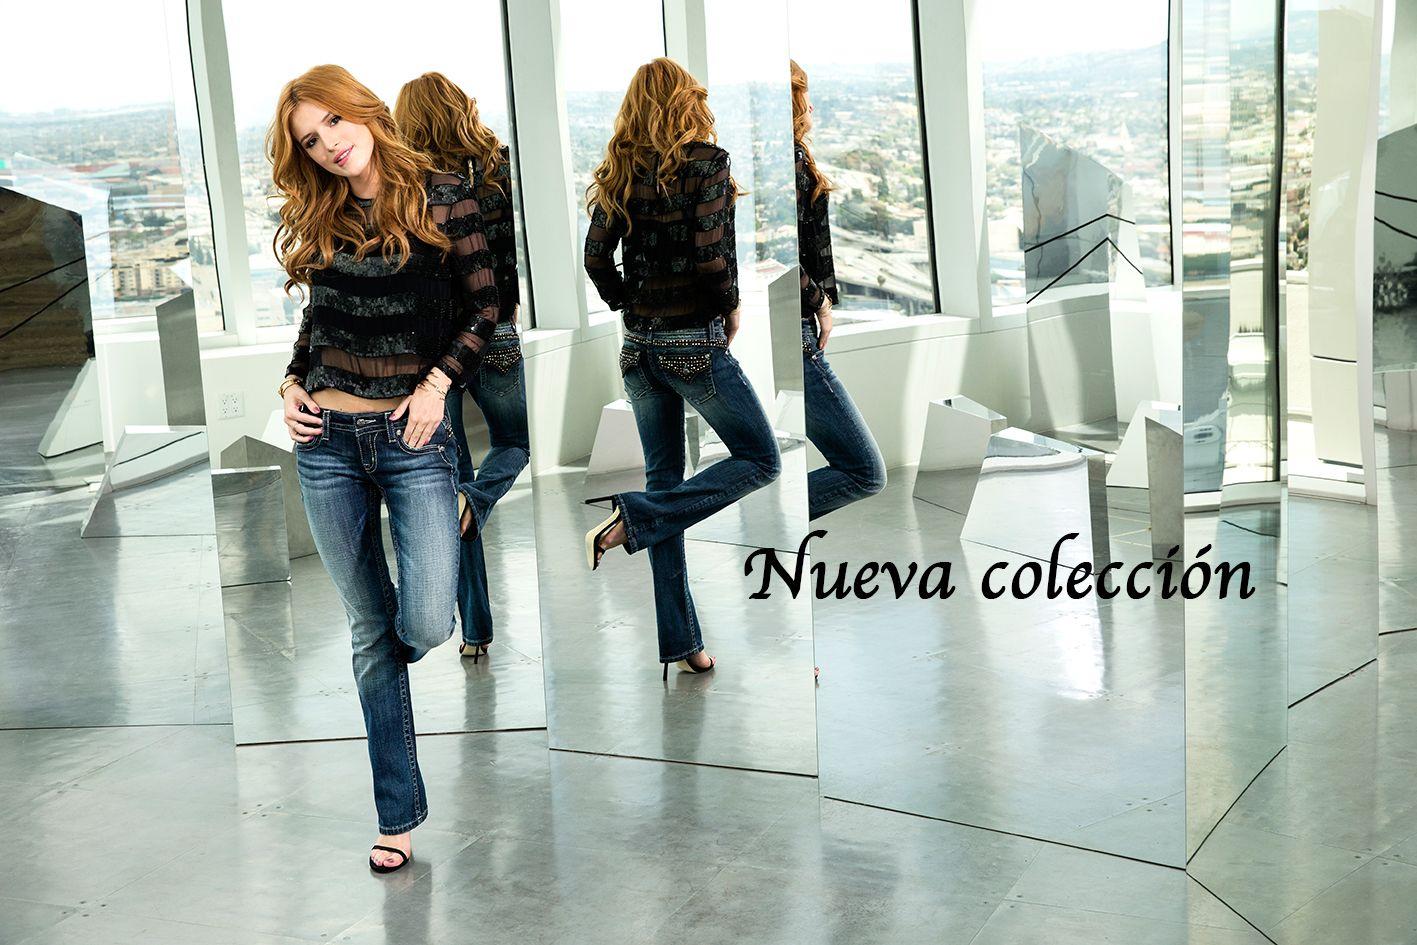 Nueva colección disponible en www.missme.es